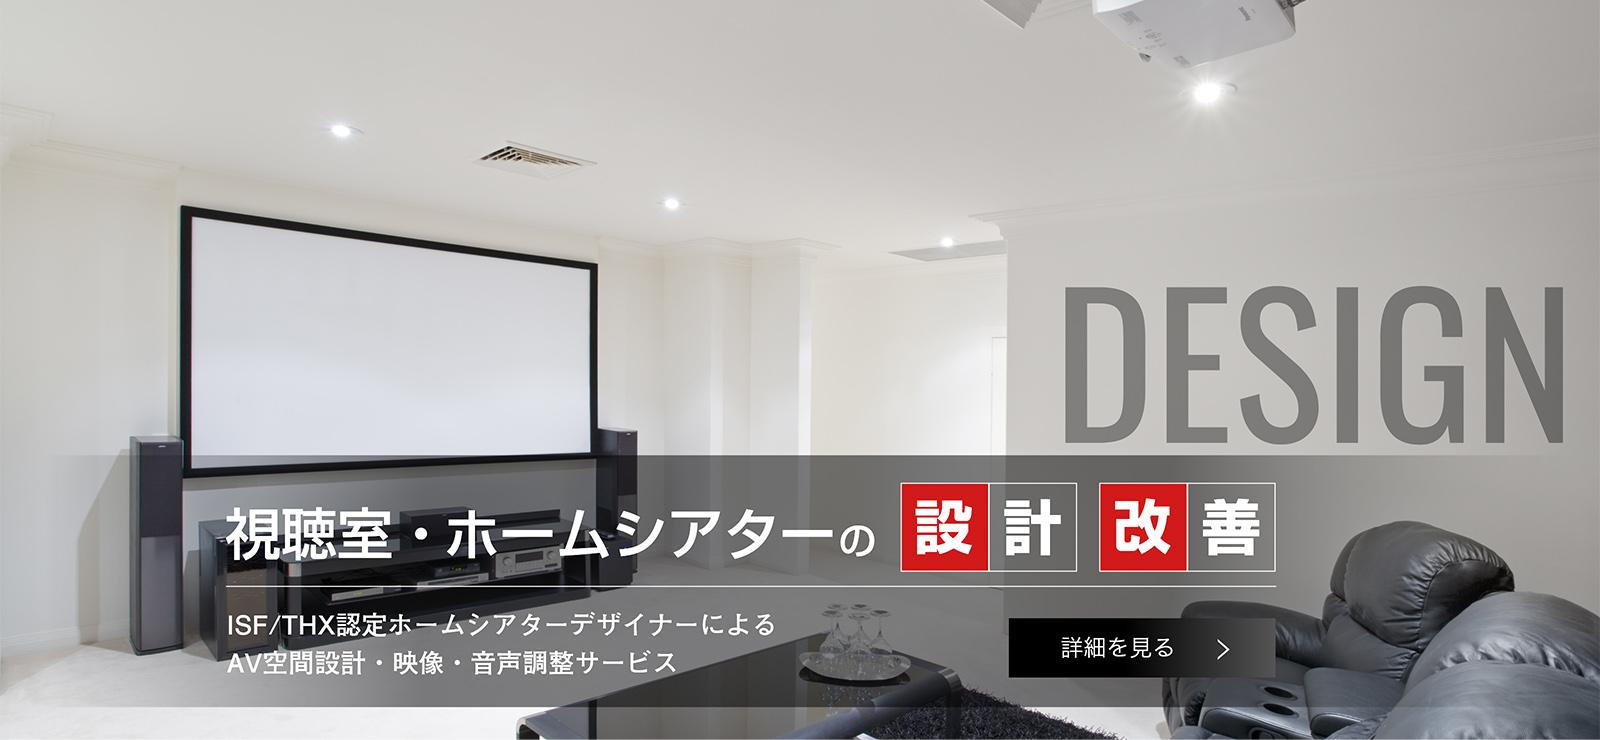 ISF/THX認定ホームシアターデザイナーによるAV空間設計・映像・音声調整サービス